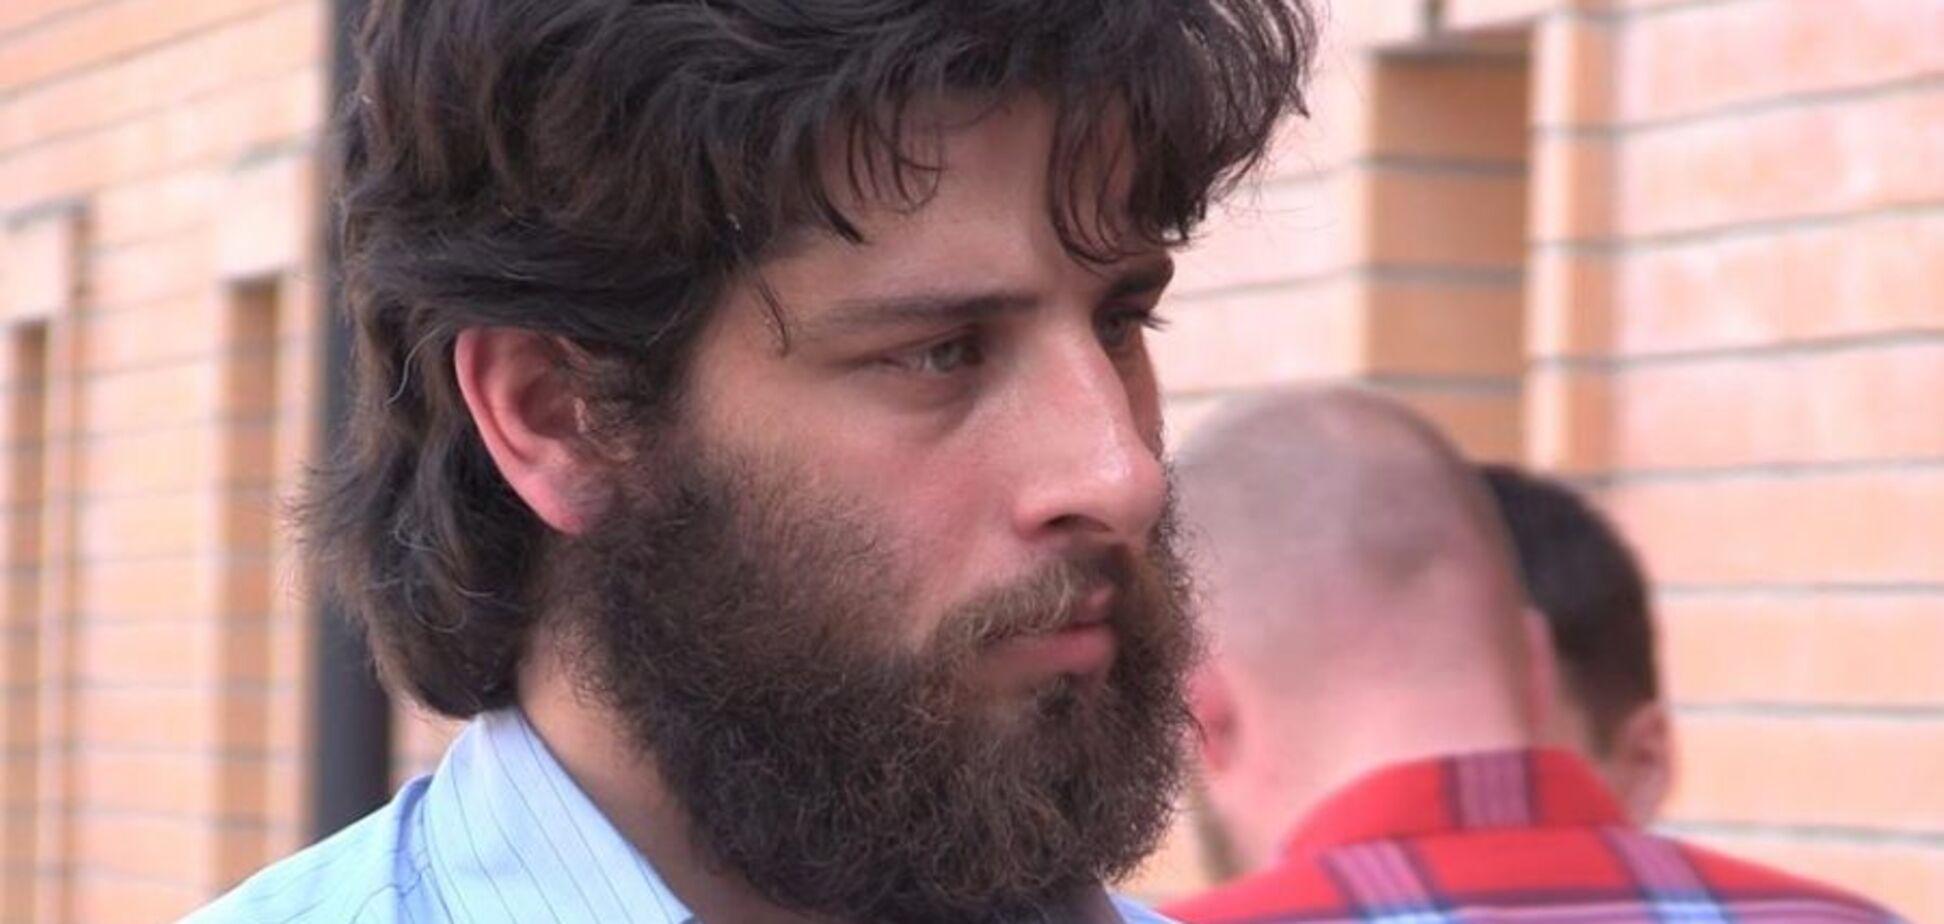 Трешовий скандал із бразильцем: пощастило, що він 'подався у монахи'